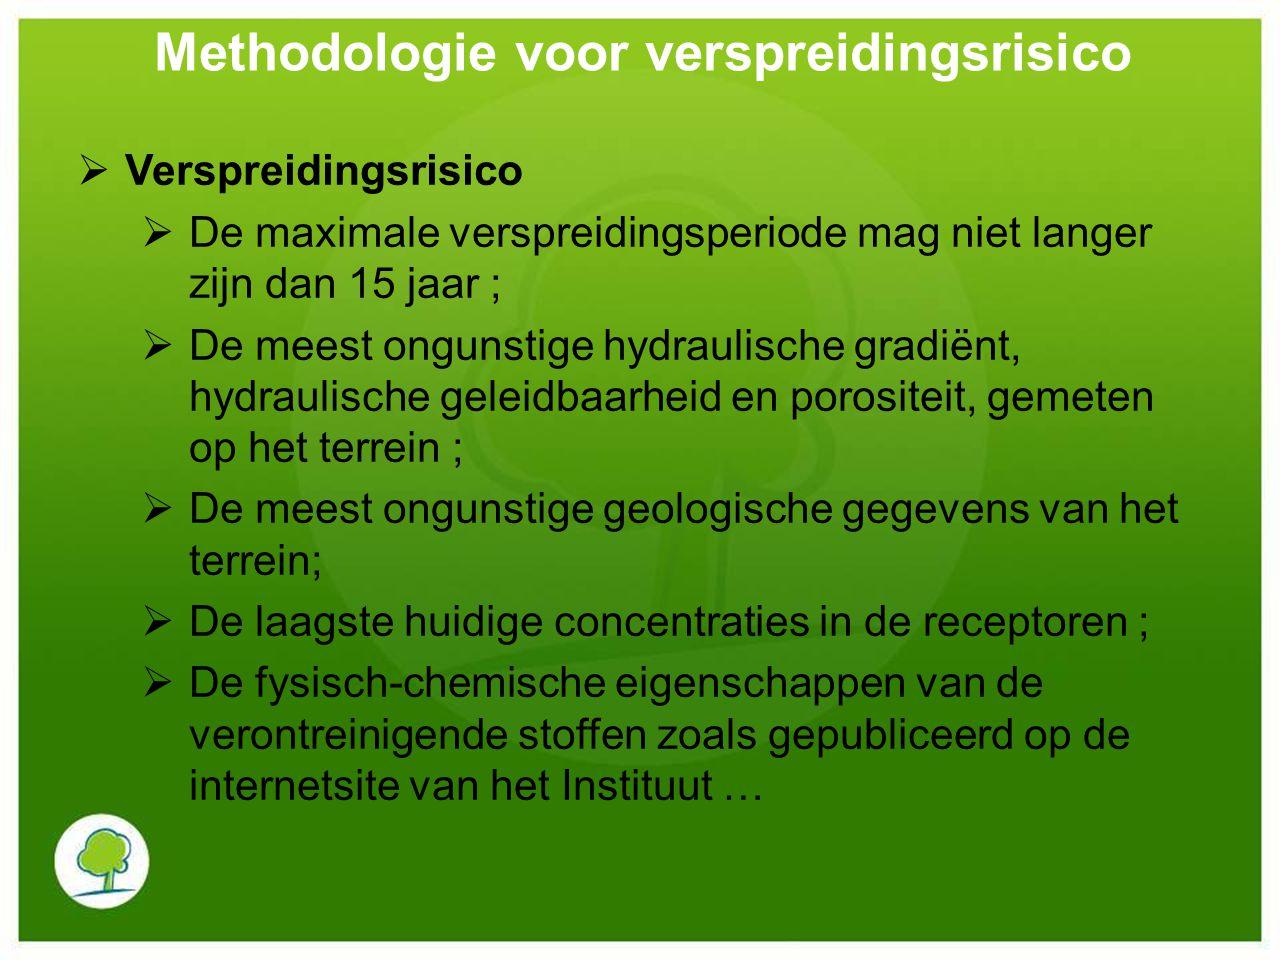  Berekening van de snelheid waarmee de verontreinigende stoffen zich verplaatsen  Analytische oplossing van Domenico Methodologie voor verspreidingsrisico